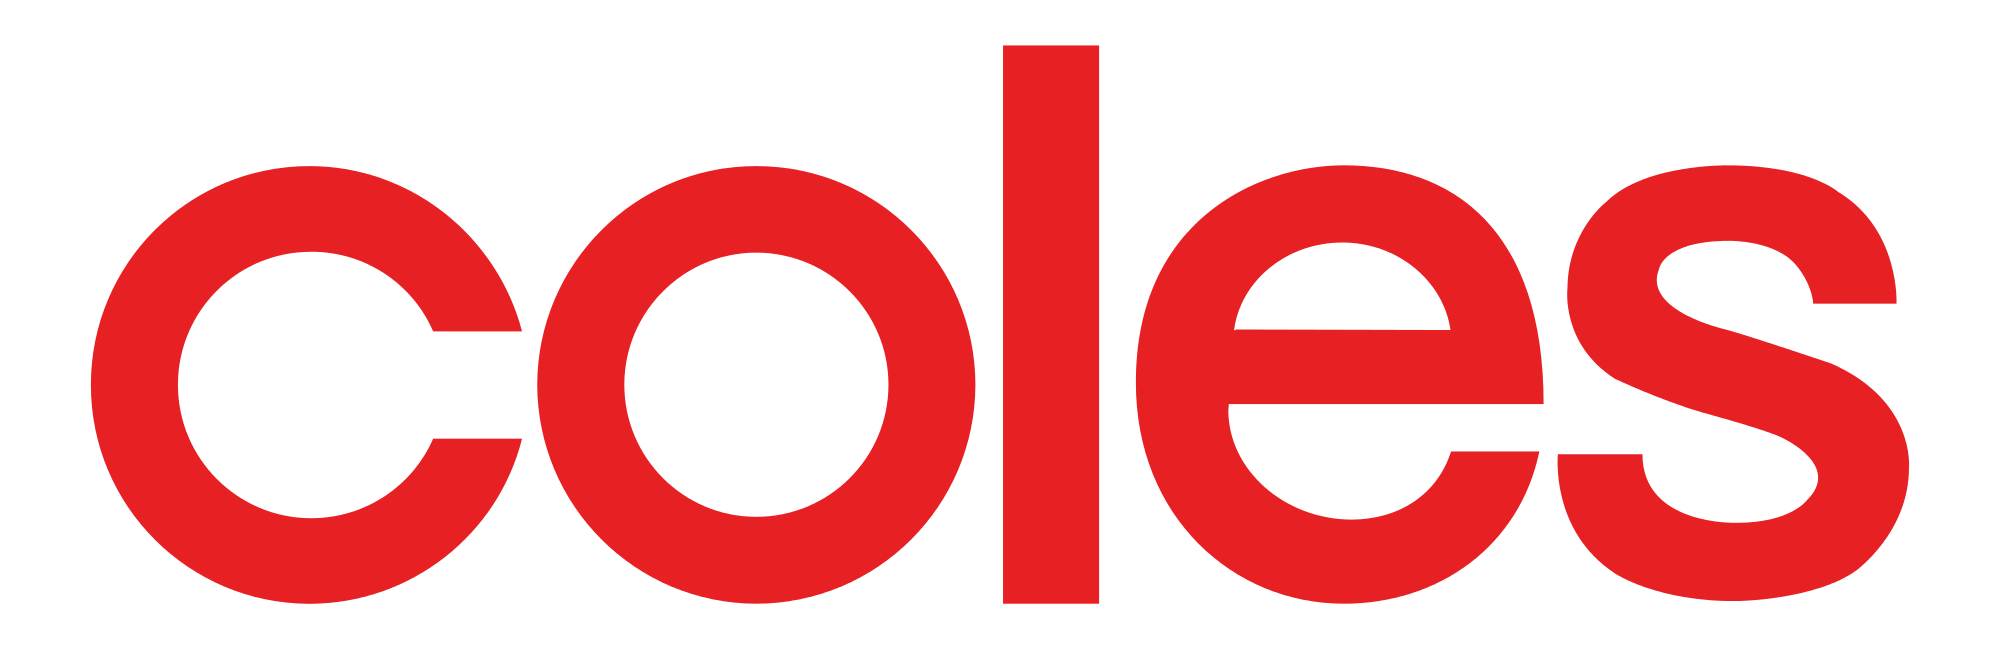 Coles_logo.png